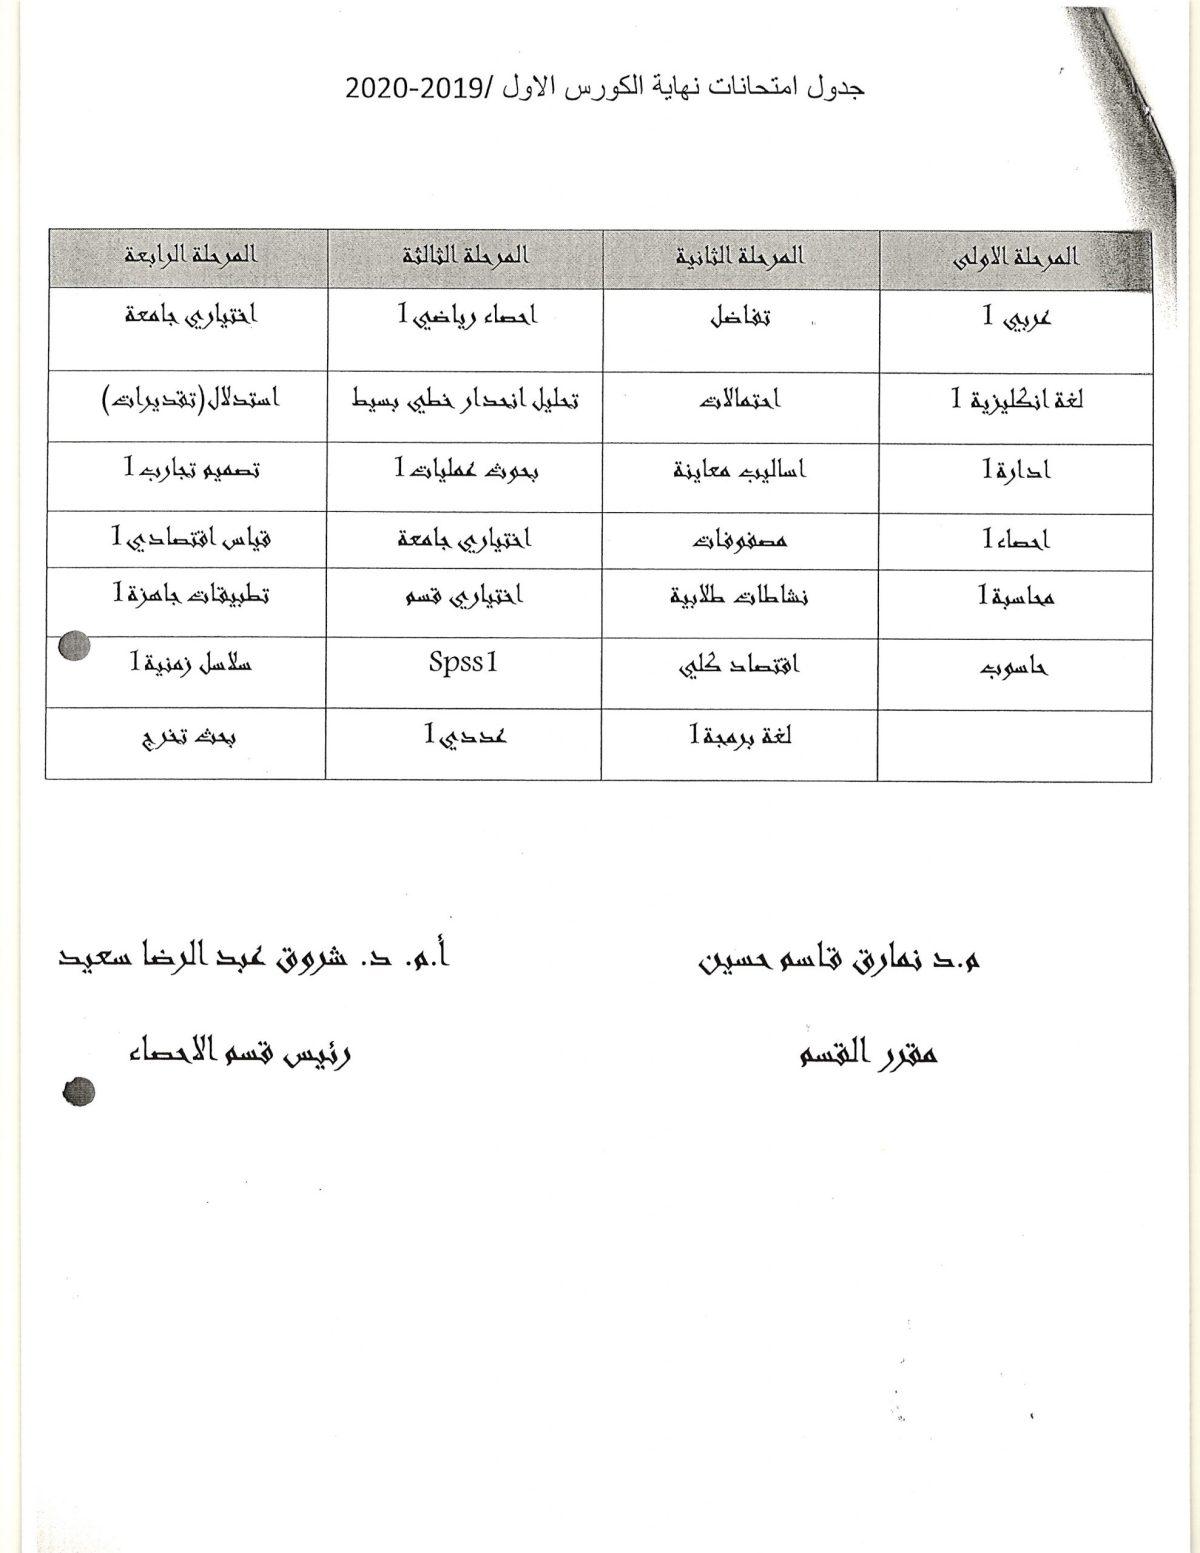 جدول امتحانات نهاية الكورس الاول 2019-2020